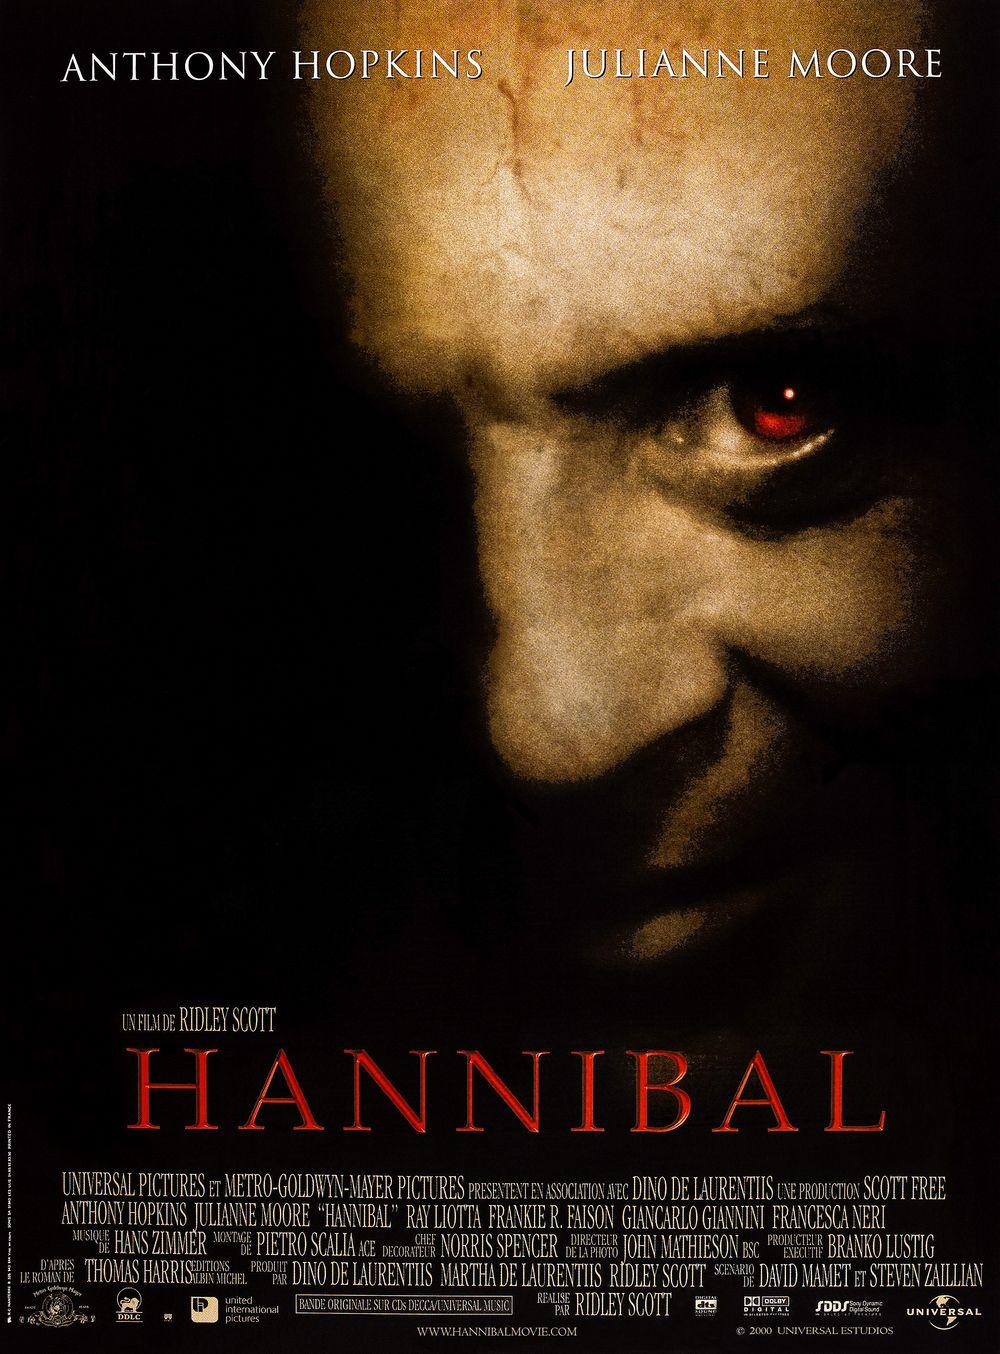 Affiche Hannibal Cinema paradisio, Affiche film, Film